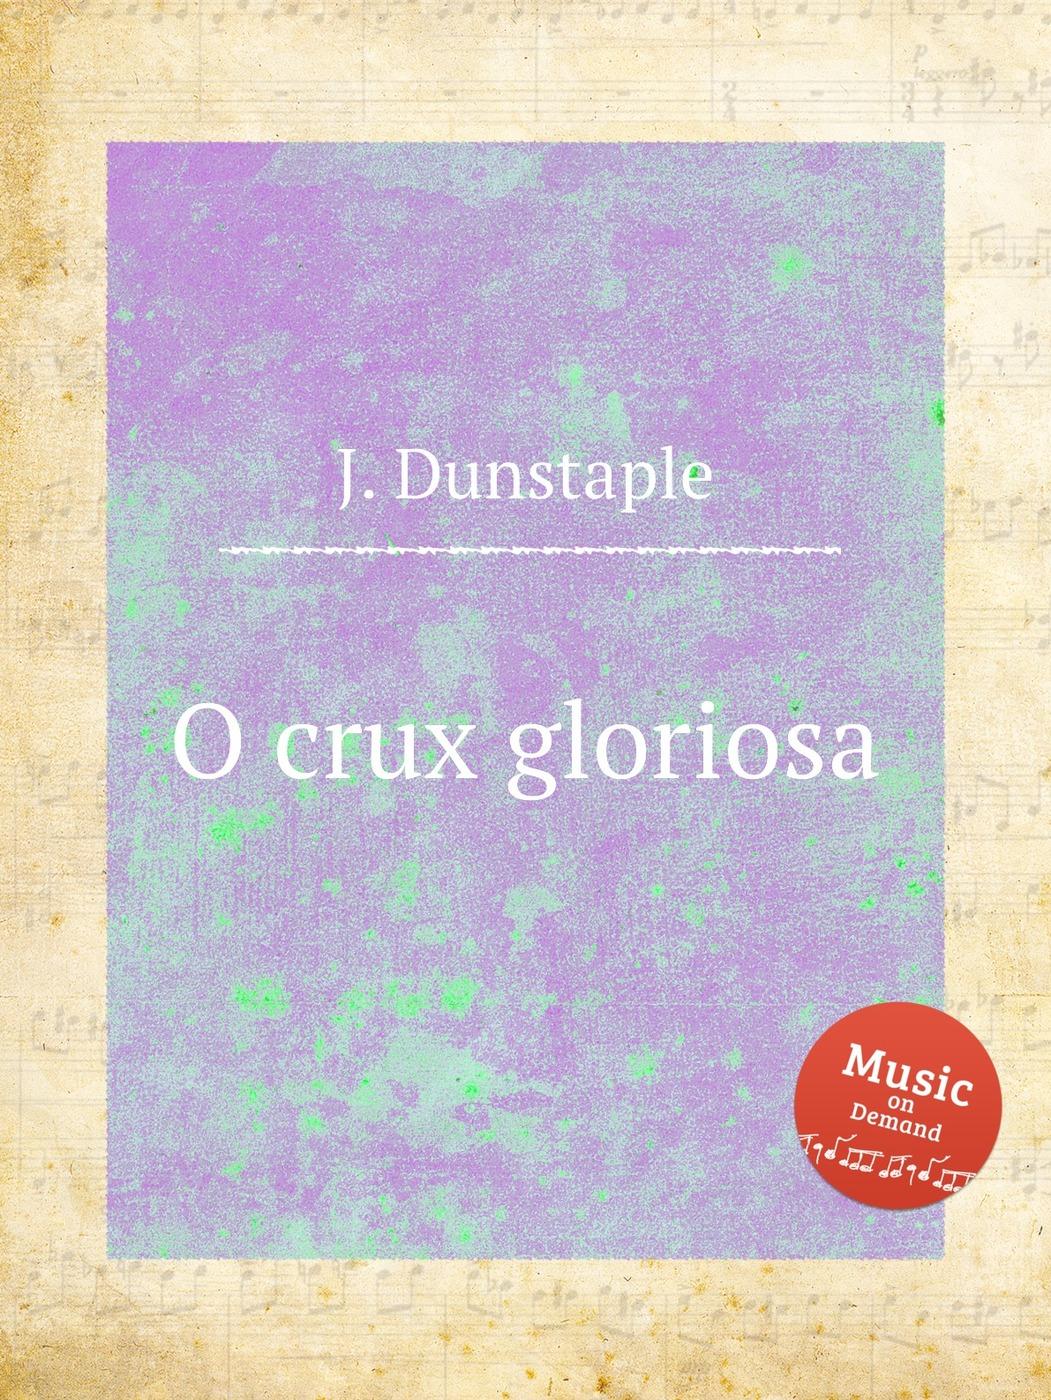 O crux gloriosa